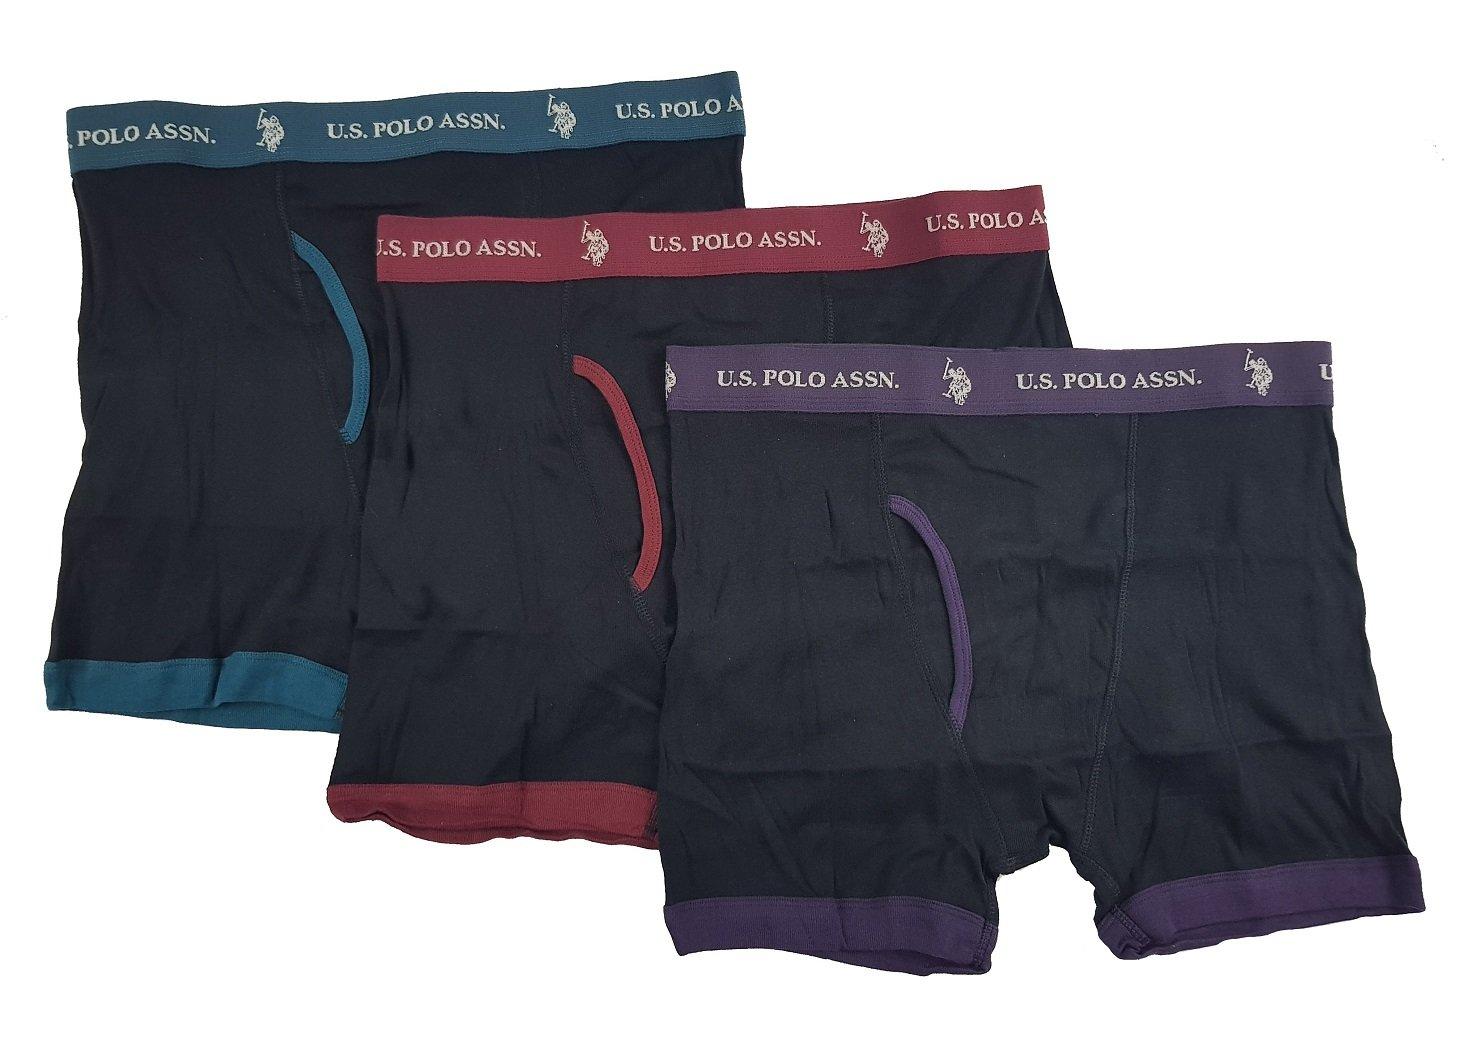 U.S. Polo Assn. Men's 3 Pack Cotton Boxer Brief (Black Purple/Black Burgundy/Black Pine, M)